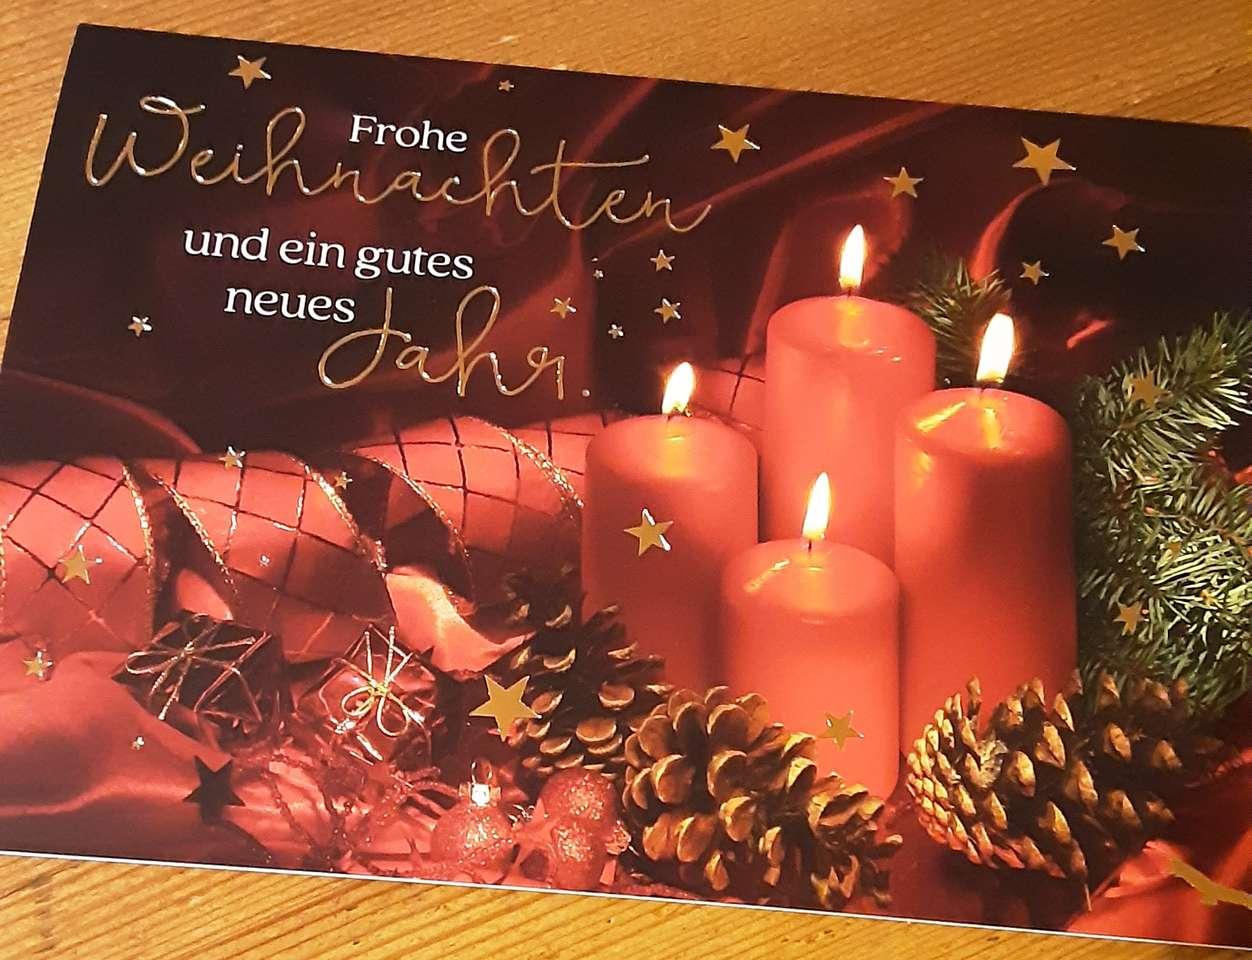 Souhaits de Noël - Souhaits de Noël aux chandelles (9×7)